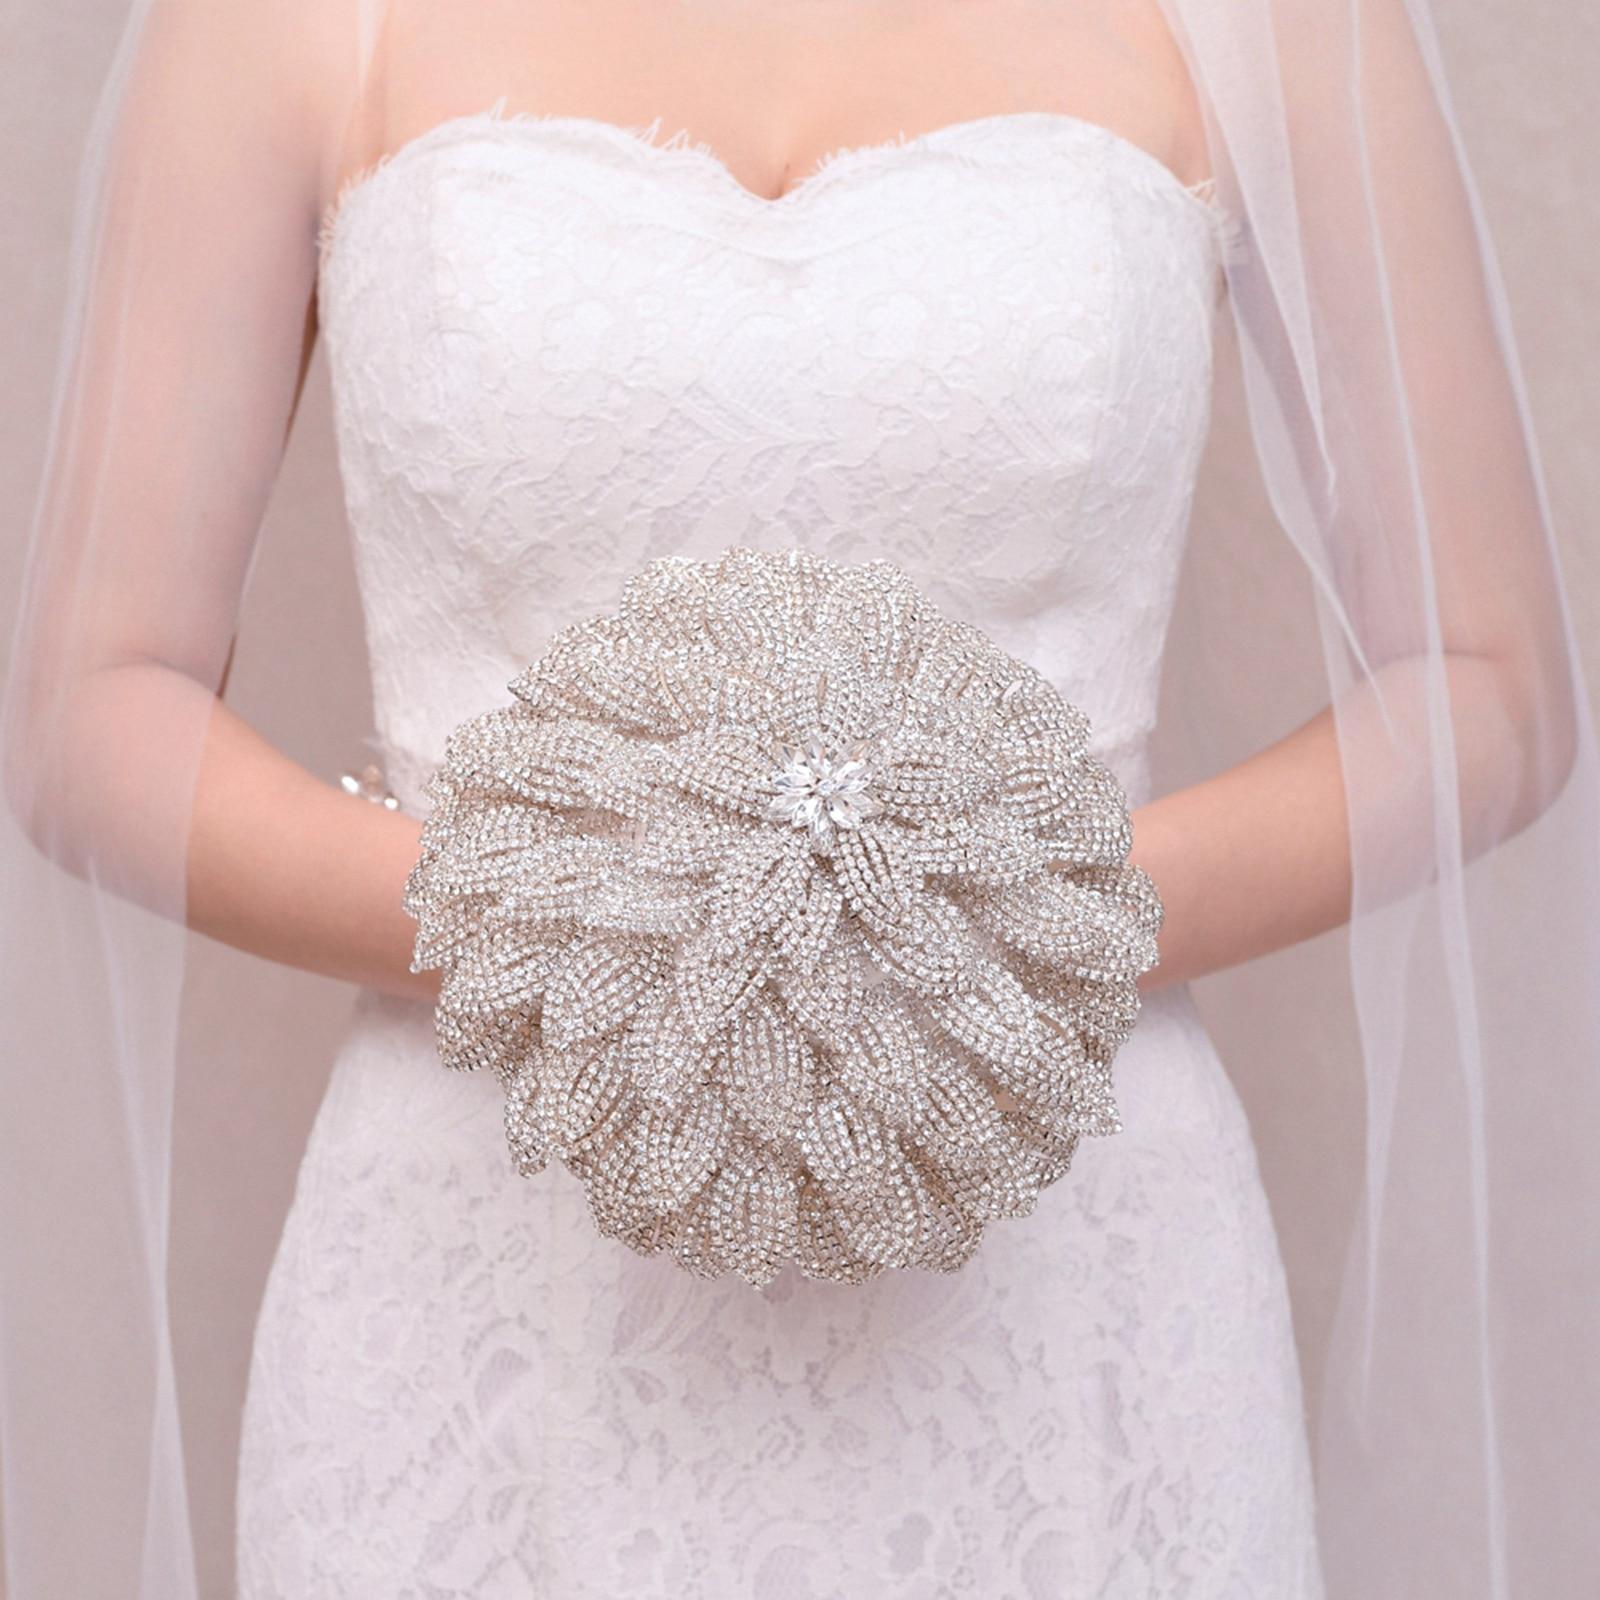 Цветочный свадебный букет, Алмазный букет невесты, серебряный алмазный букет, свадебный цветок, букет подружки невесты, ювелирные изделия, ...